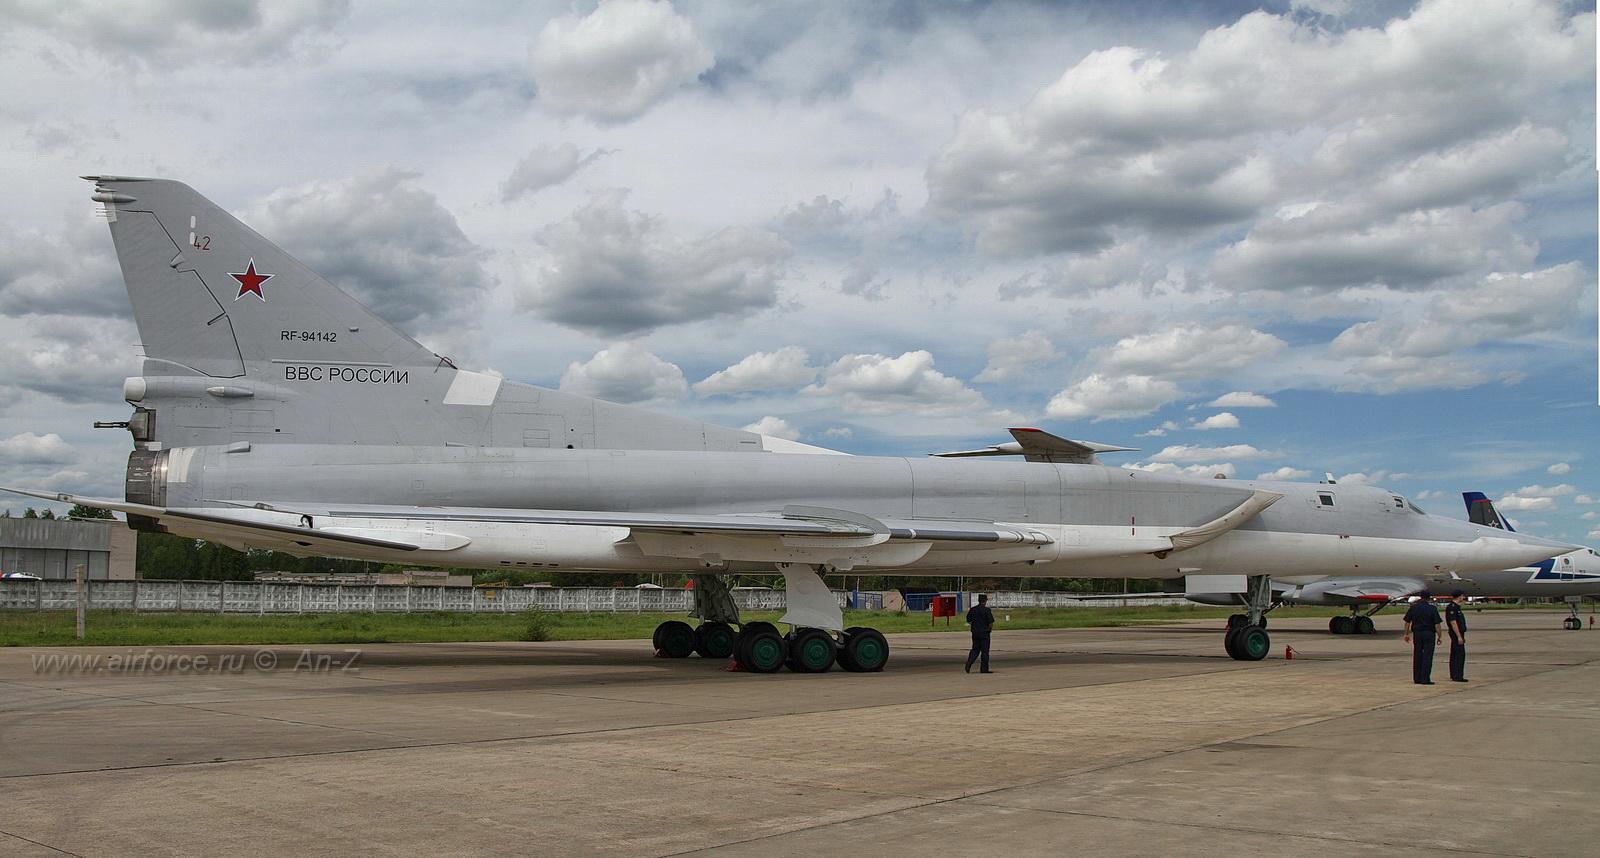 Нажмите на изображение для увеличения.  Название:Tu-22M3_Panorama1.jpg Просмотров:1034 Размер:387.4 Кб ID:64803